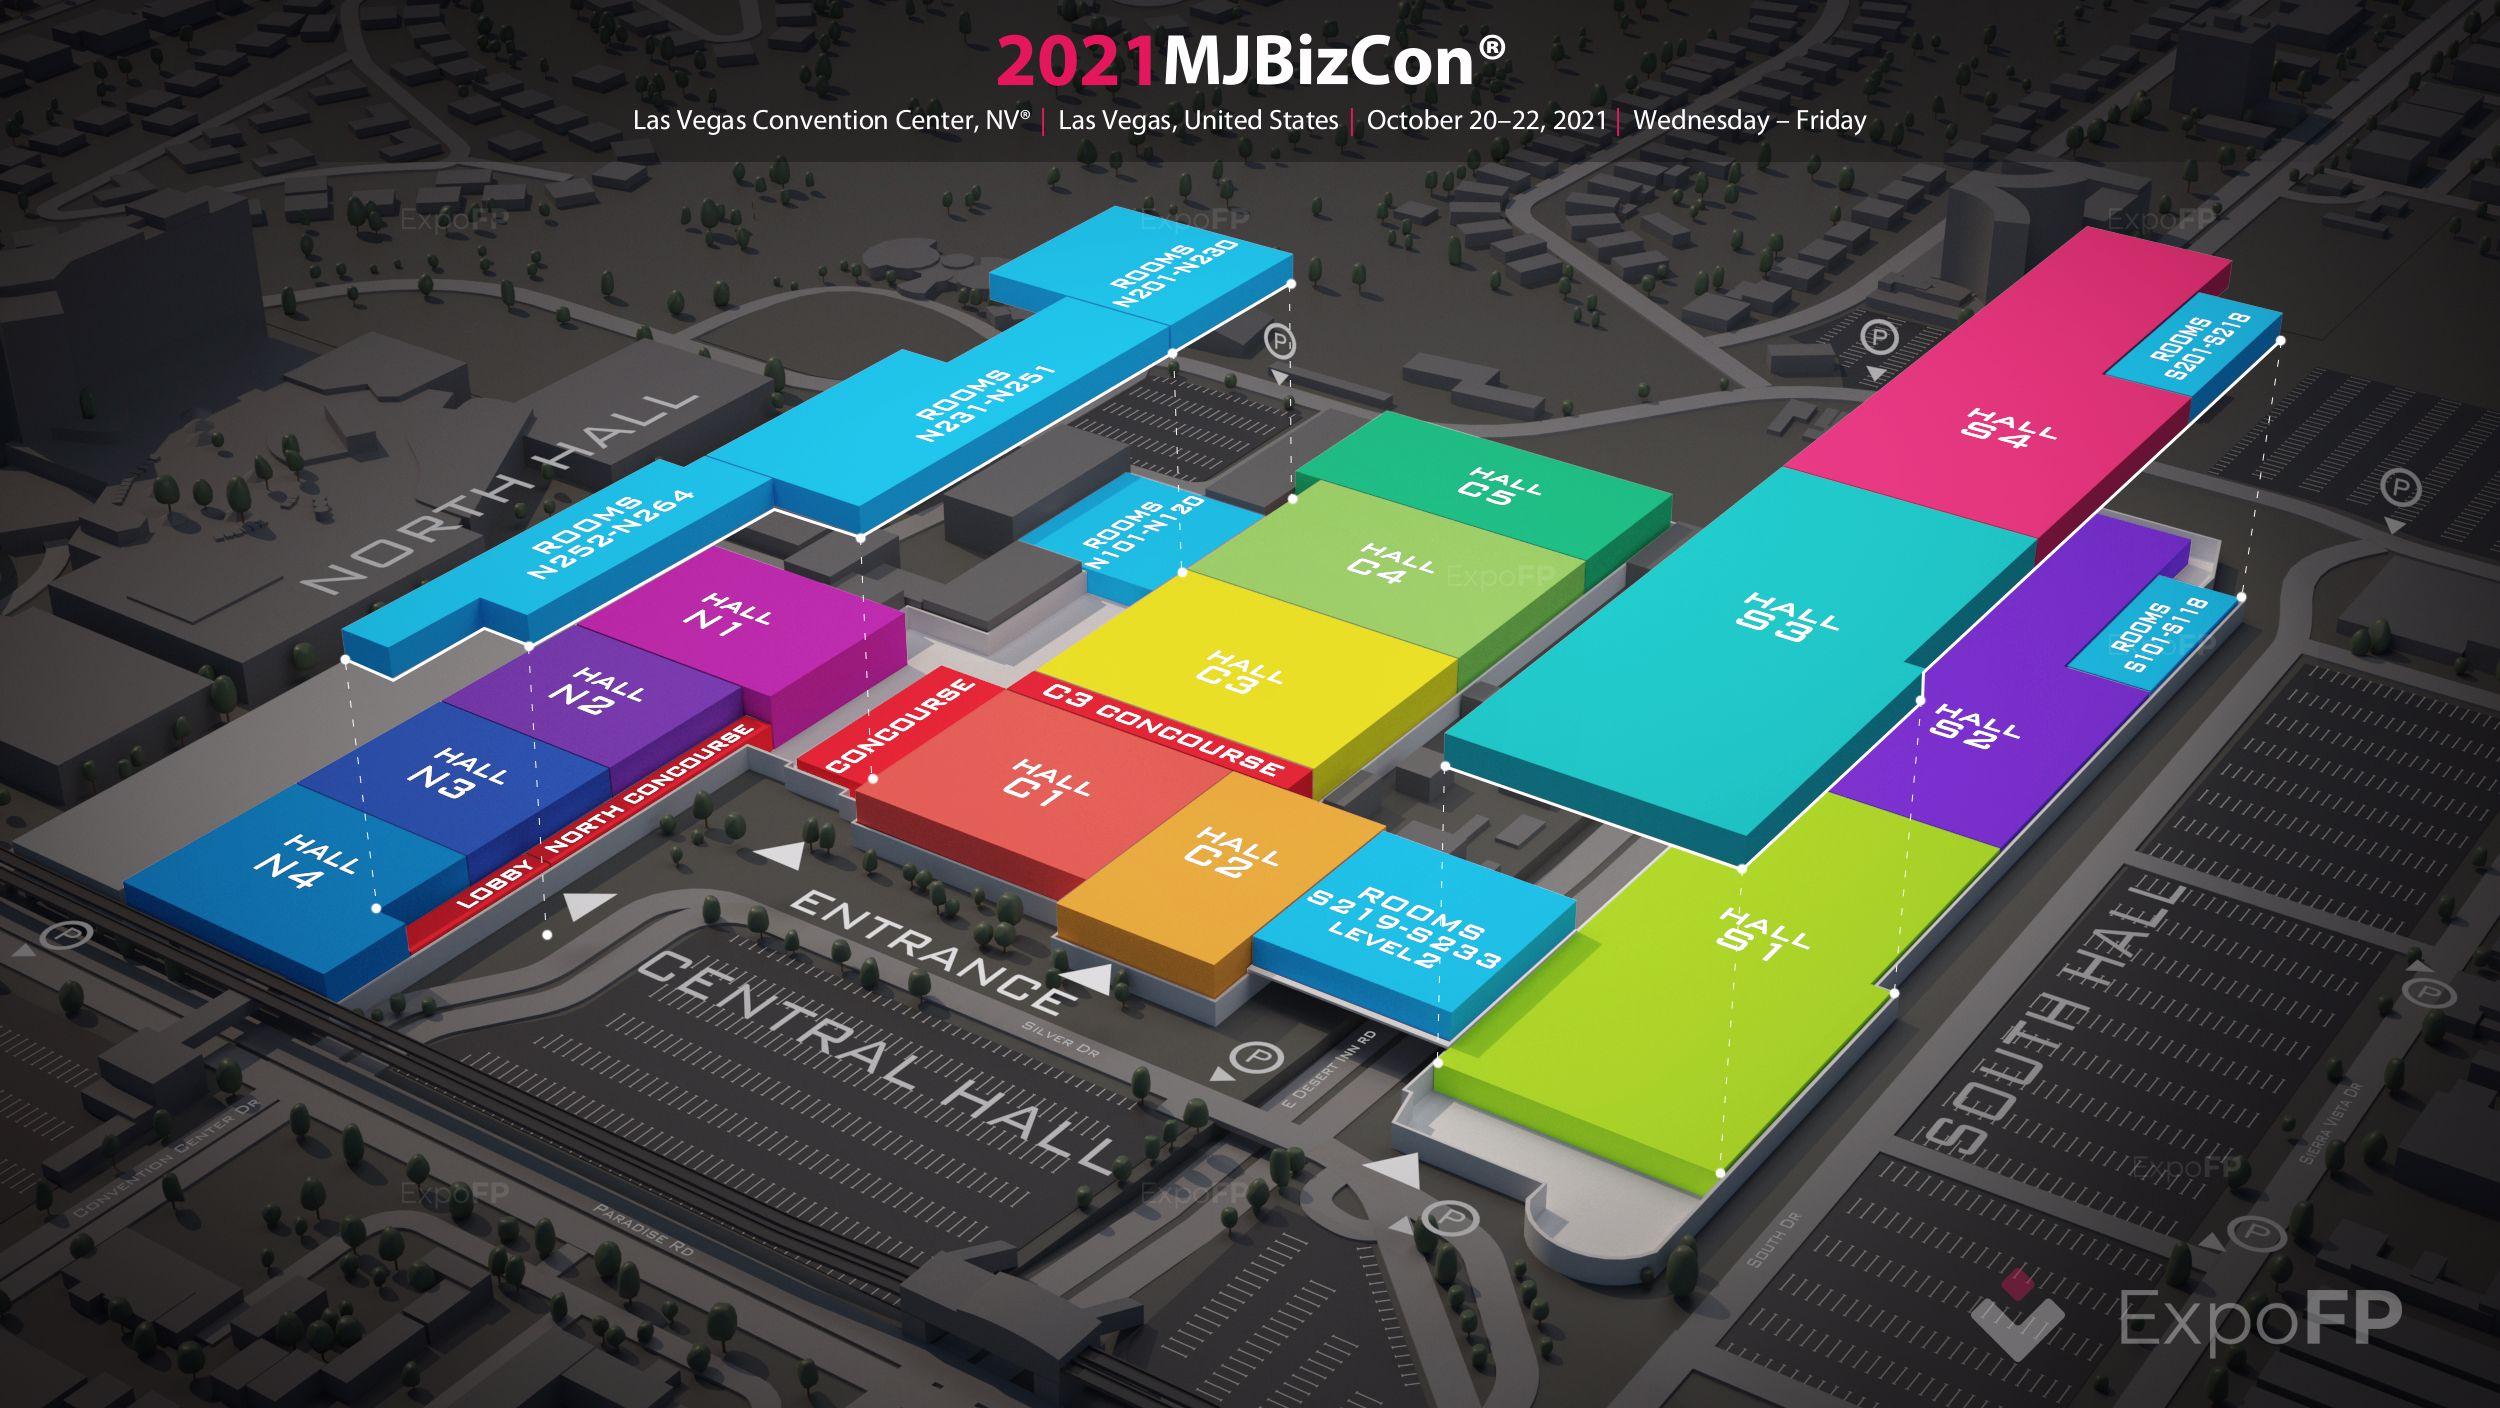 MJBizCon 2021 3D floor plan